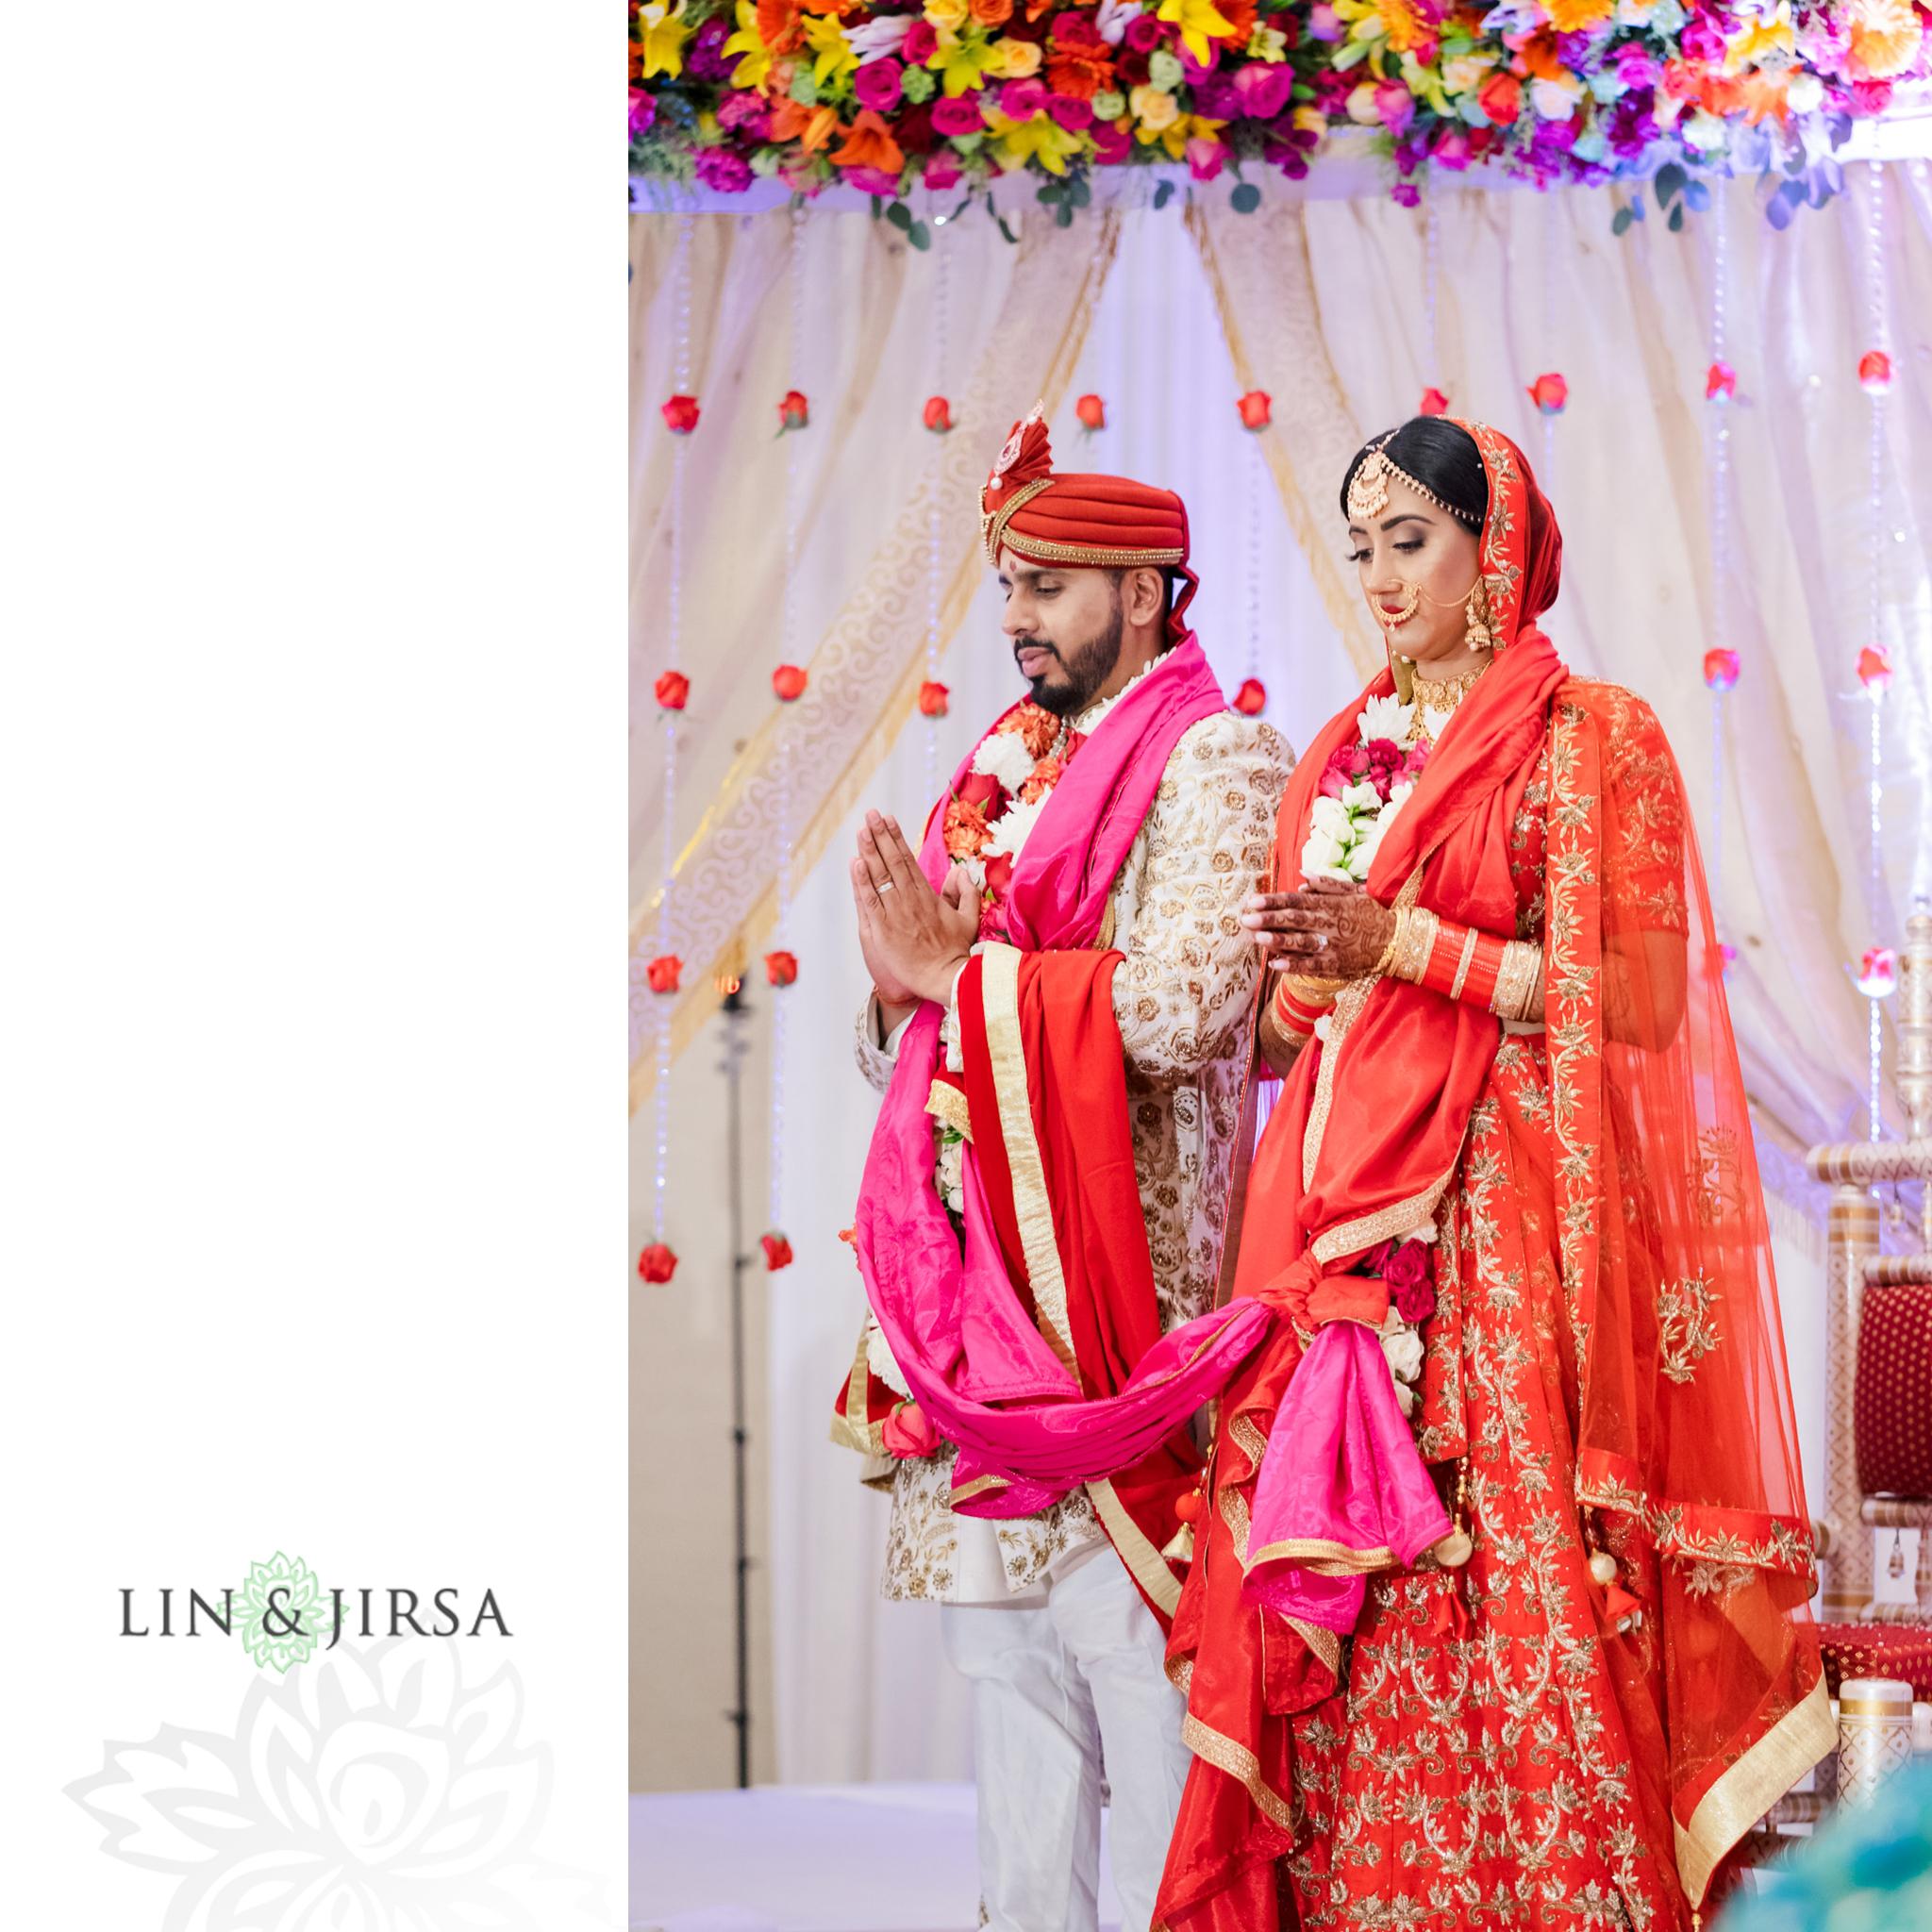 22 Hotel Irvine Punjabi Hindu Indian Wedding Photography